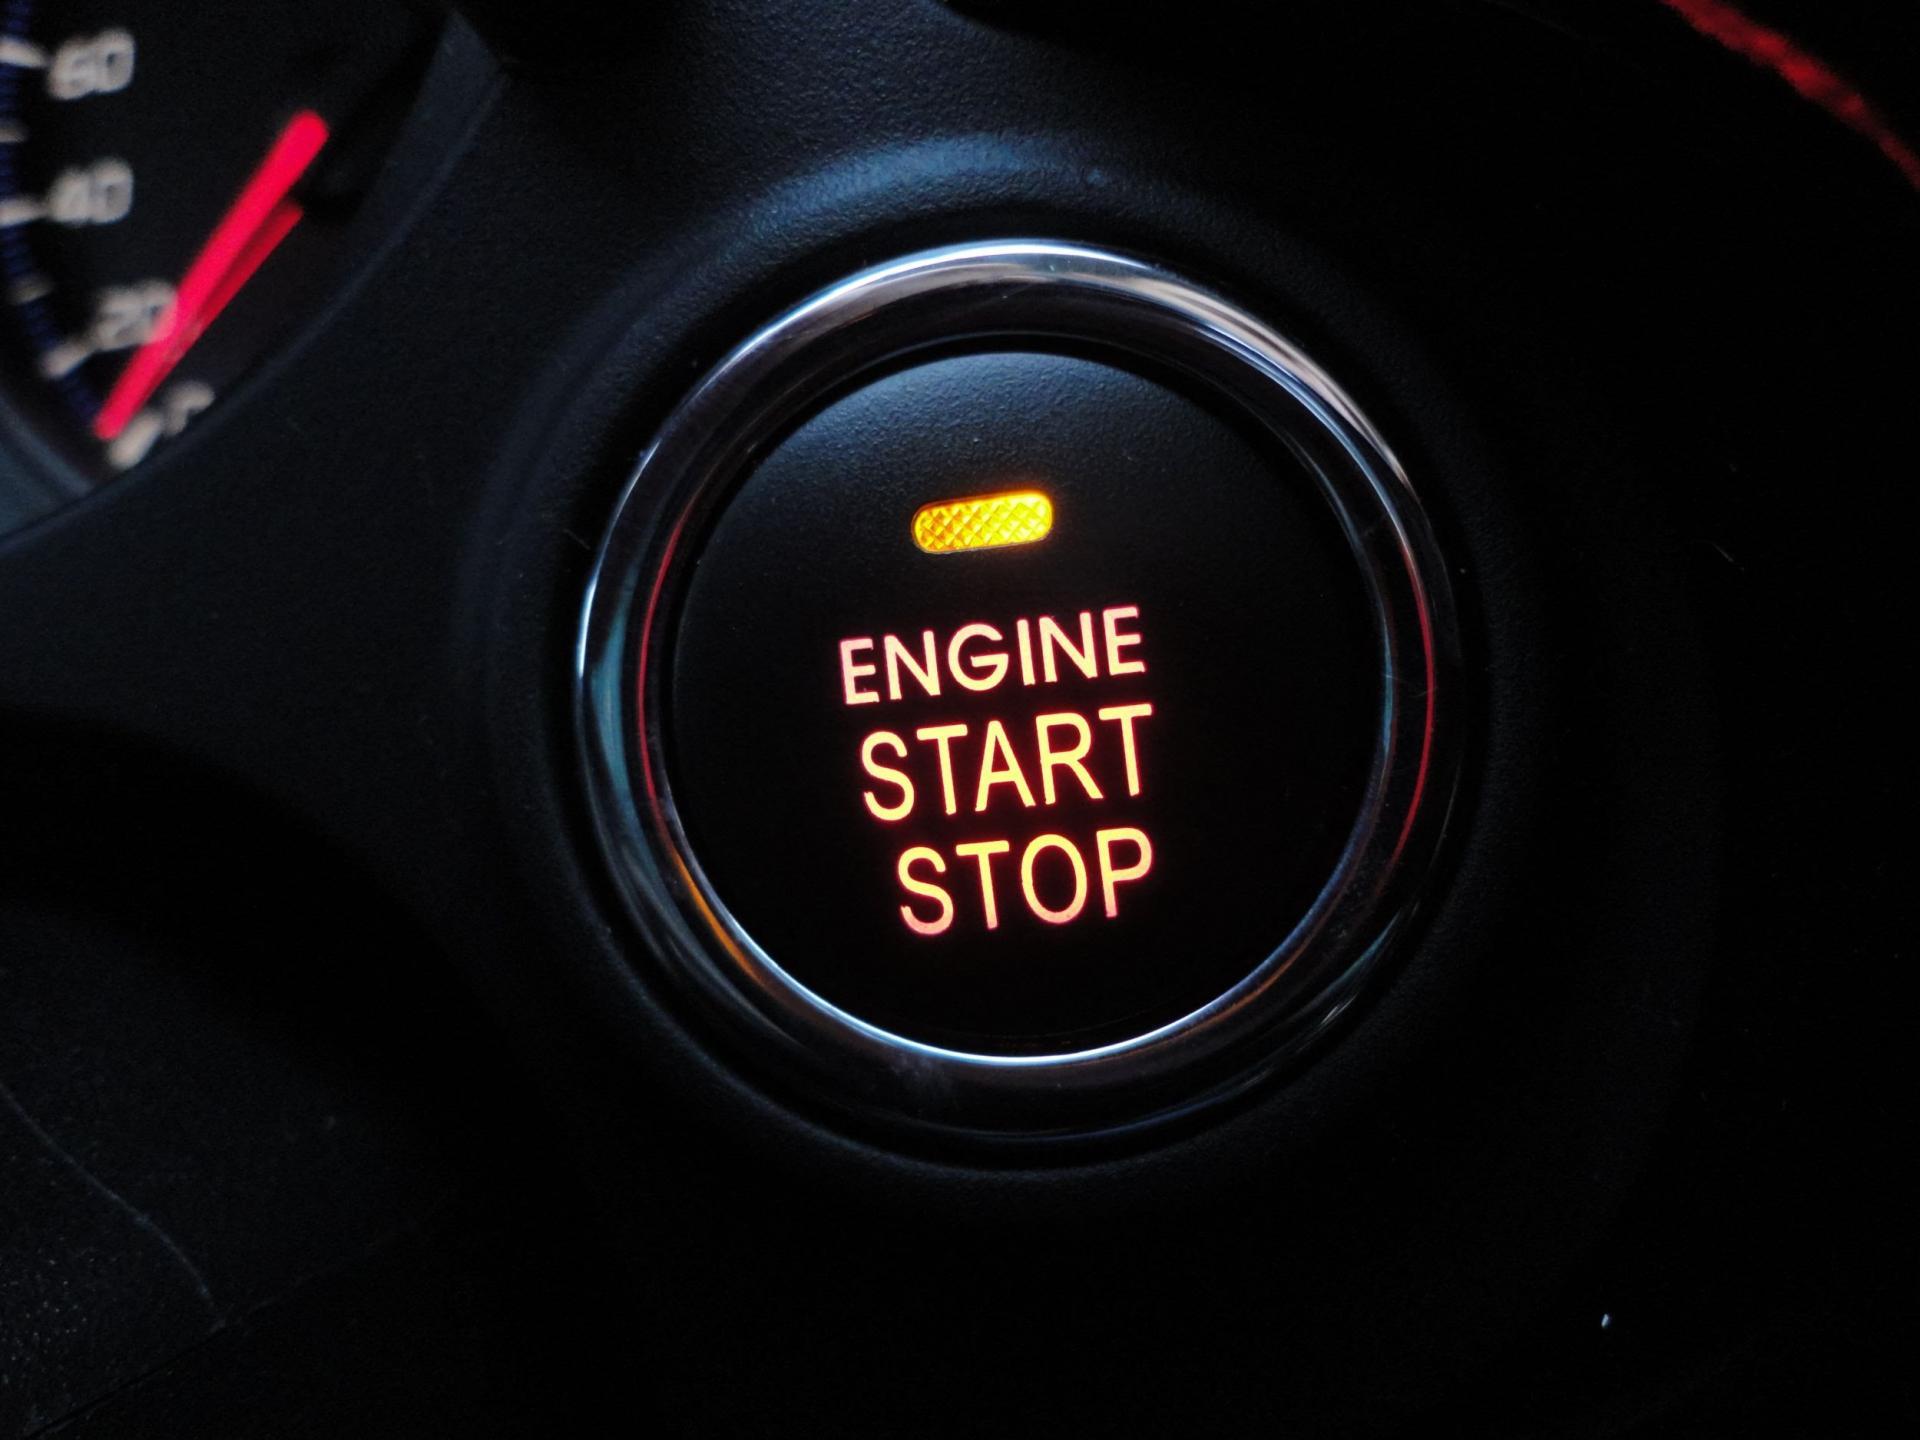 Система стоп-старт двигателя | автомобильное.